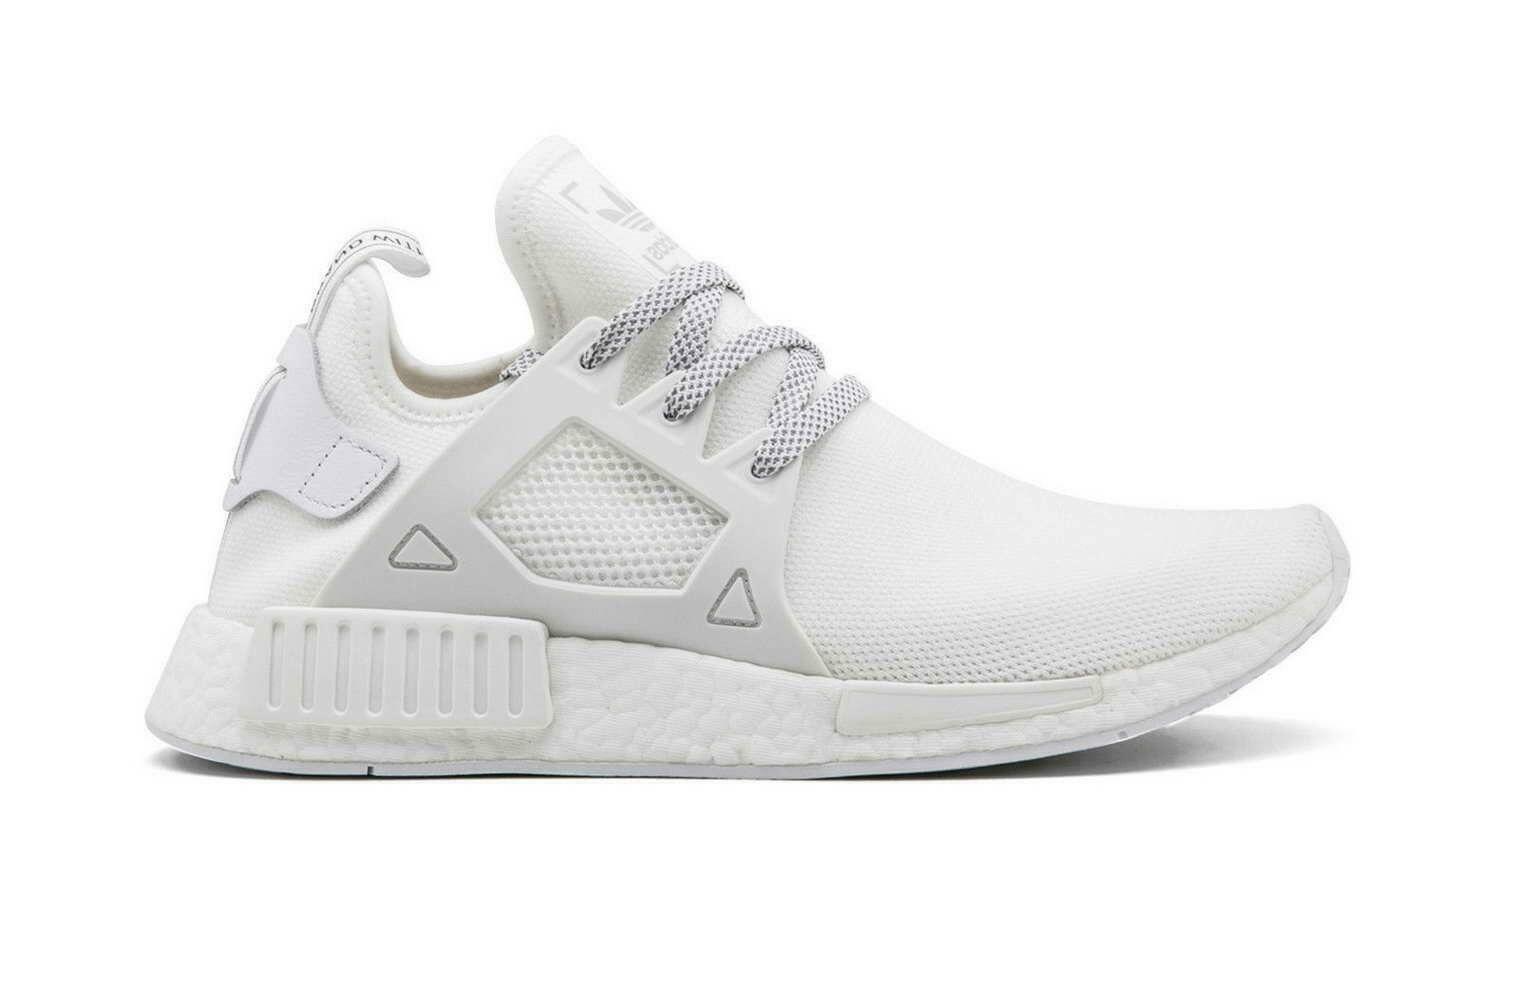 Herren adidas Nmd XR1 Weiß Laufschuhe BY3052 UK 3.5 Eu 36 US 4